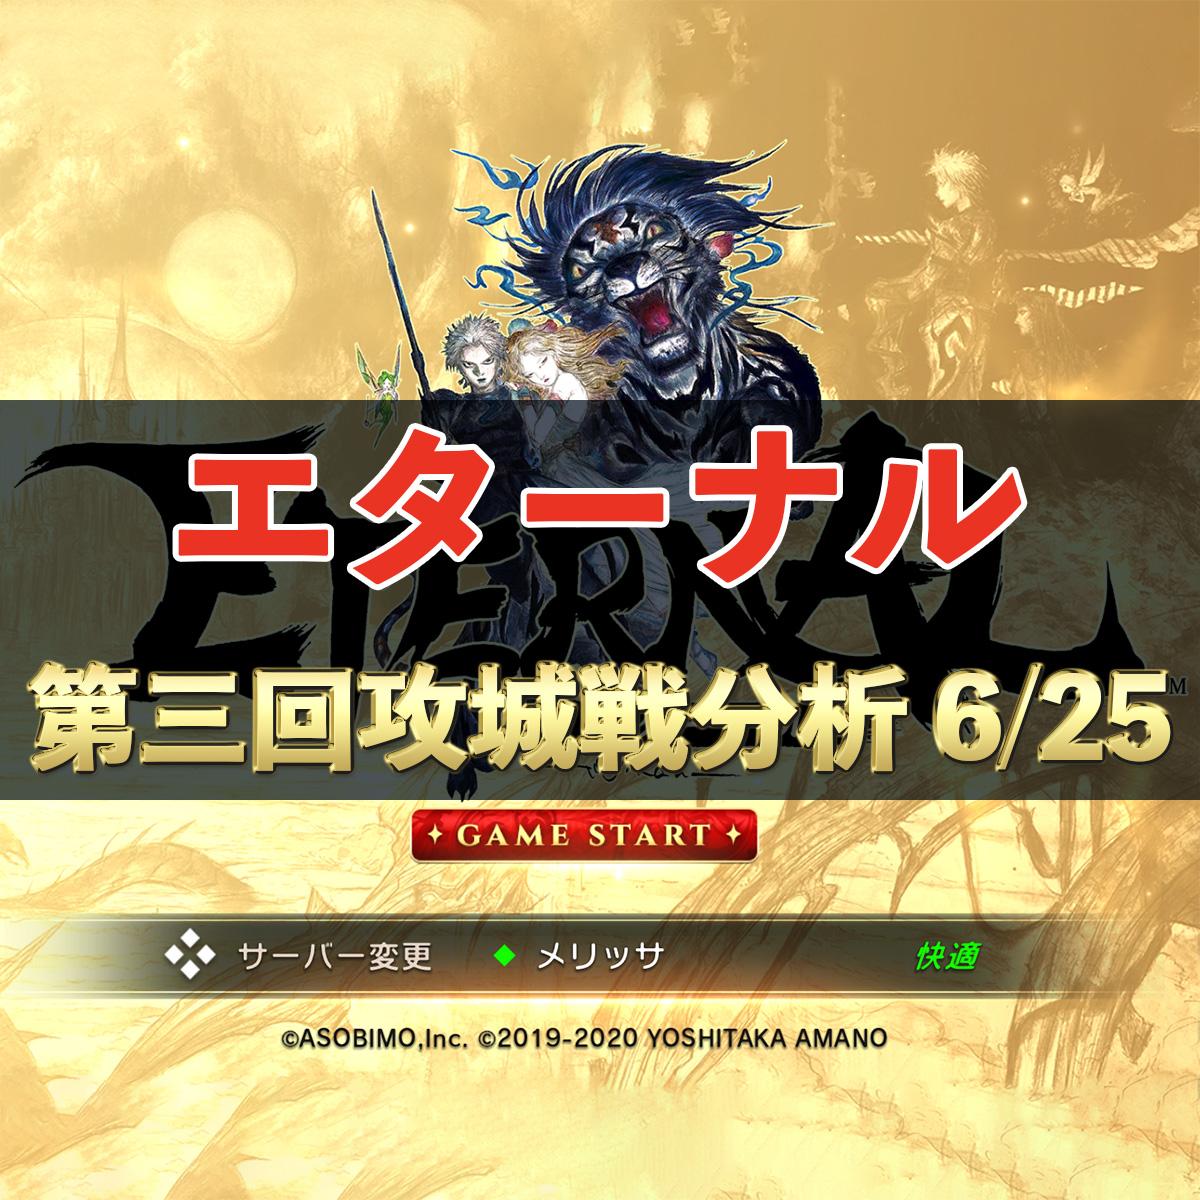 【エターナル】本当に直前! 第三回攻城戦 軍団徹底分析 6/25